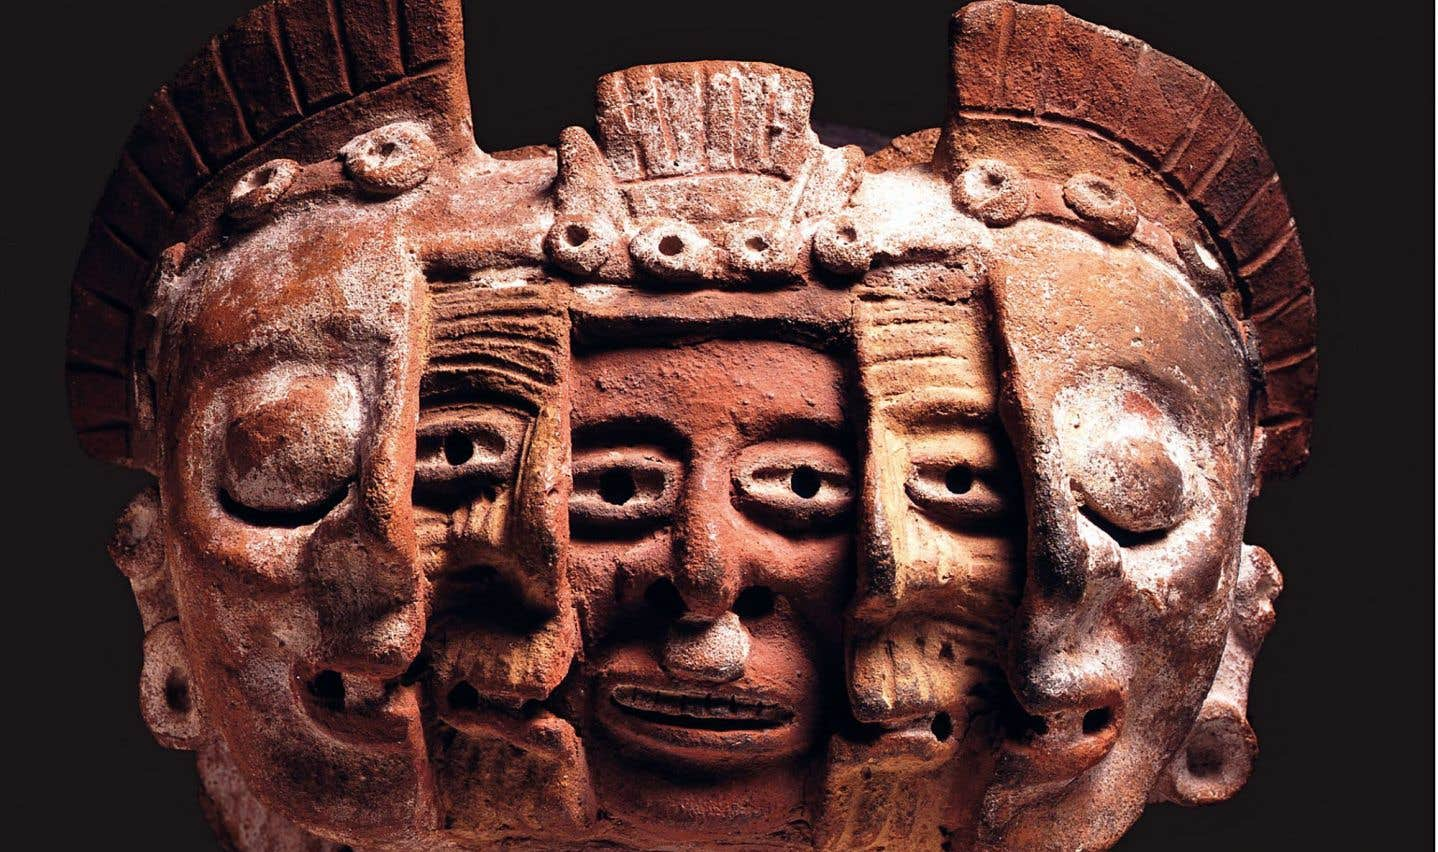 Ce fragment céramique à trois visages montre les trois phases de l'existence. Au centre, la jeunesse, qui ouvre les yeux sur le monde. Puis, la vieillesse. Enfin, la mort, inéluctable, qui éteint le regard.